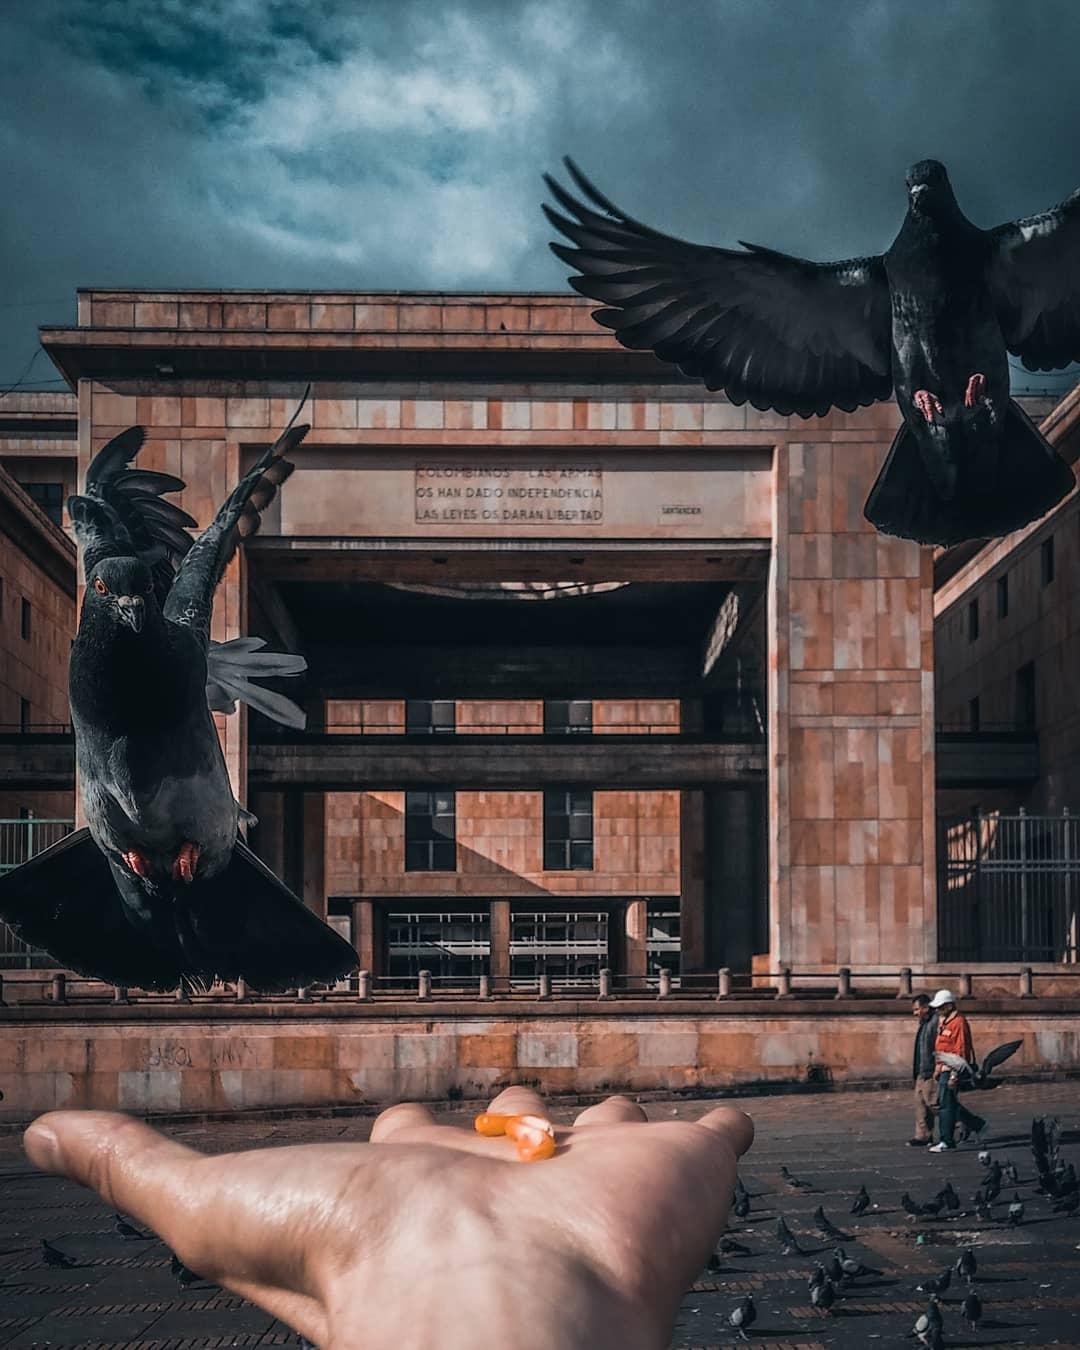 Городские пейзажи и архитектура на снимках Альфонсо Леона